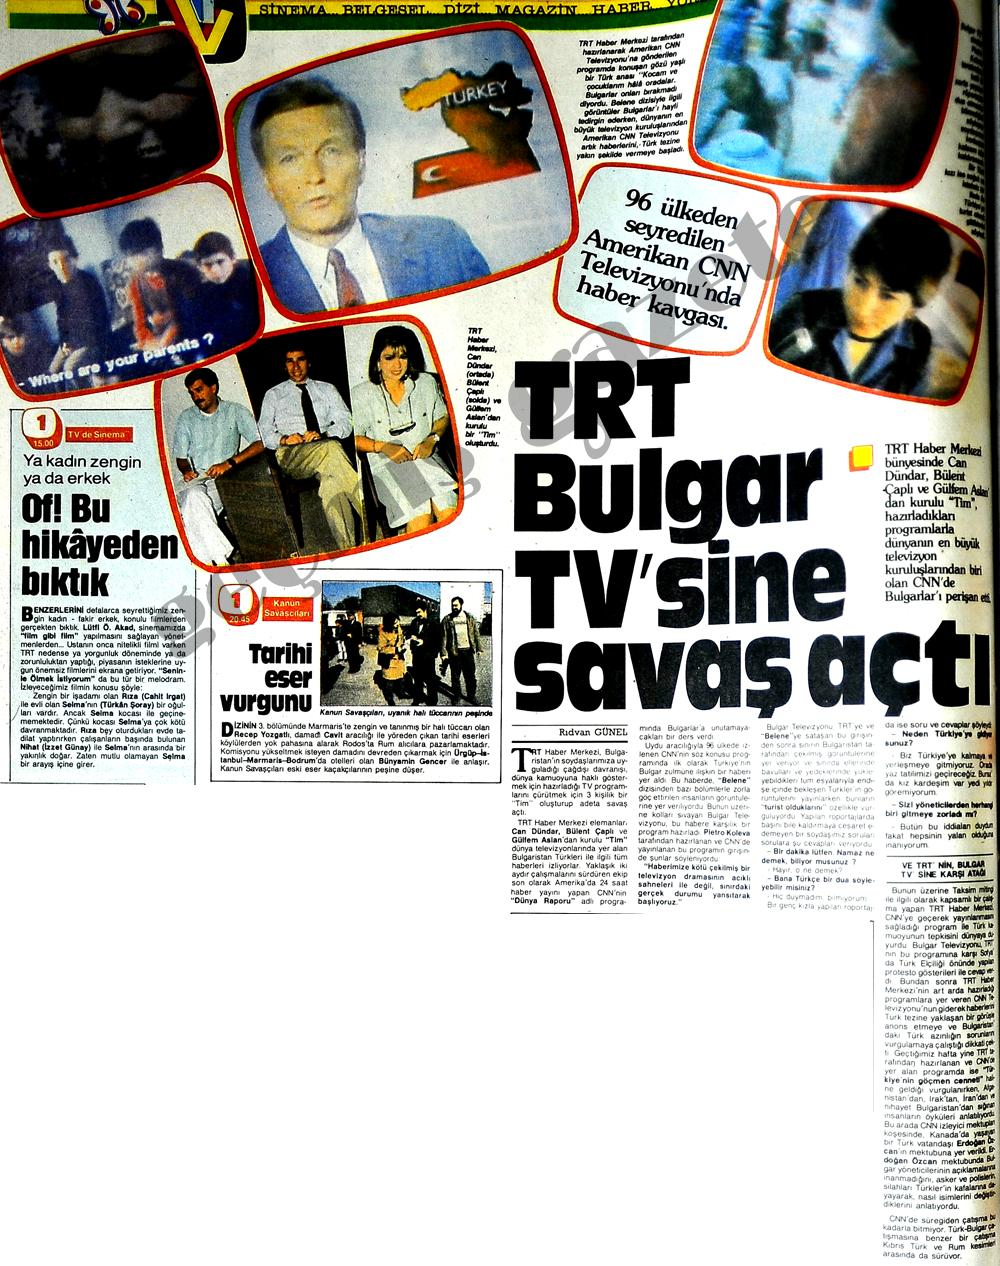 TRT Bulgar TV'sine savaş açtı